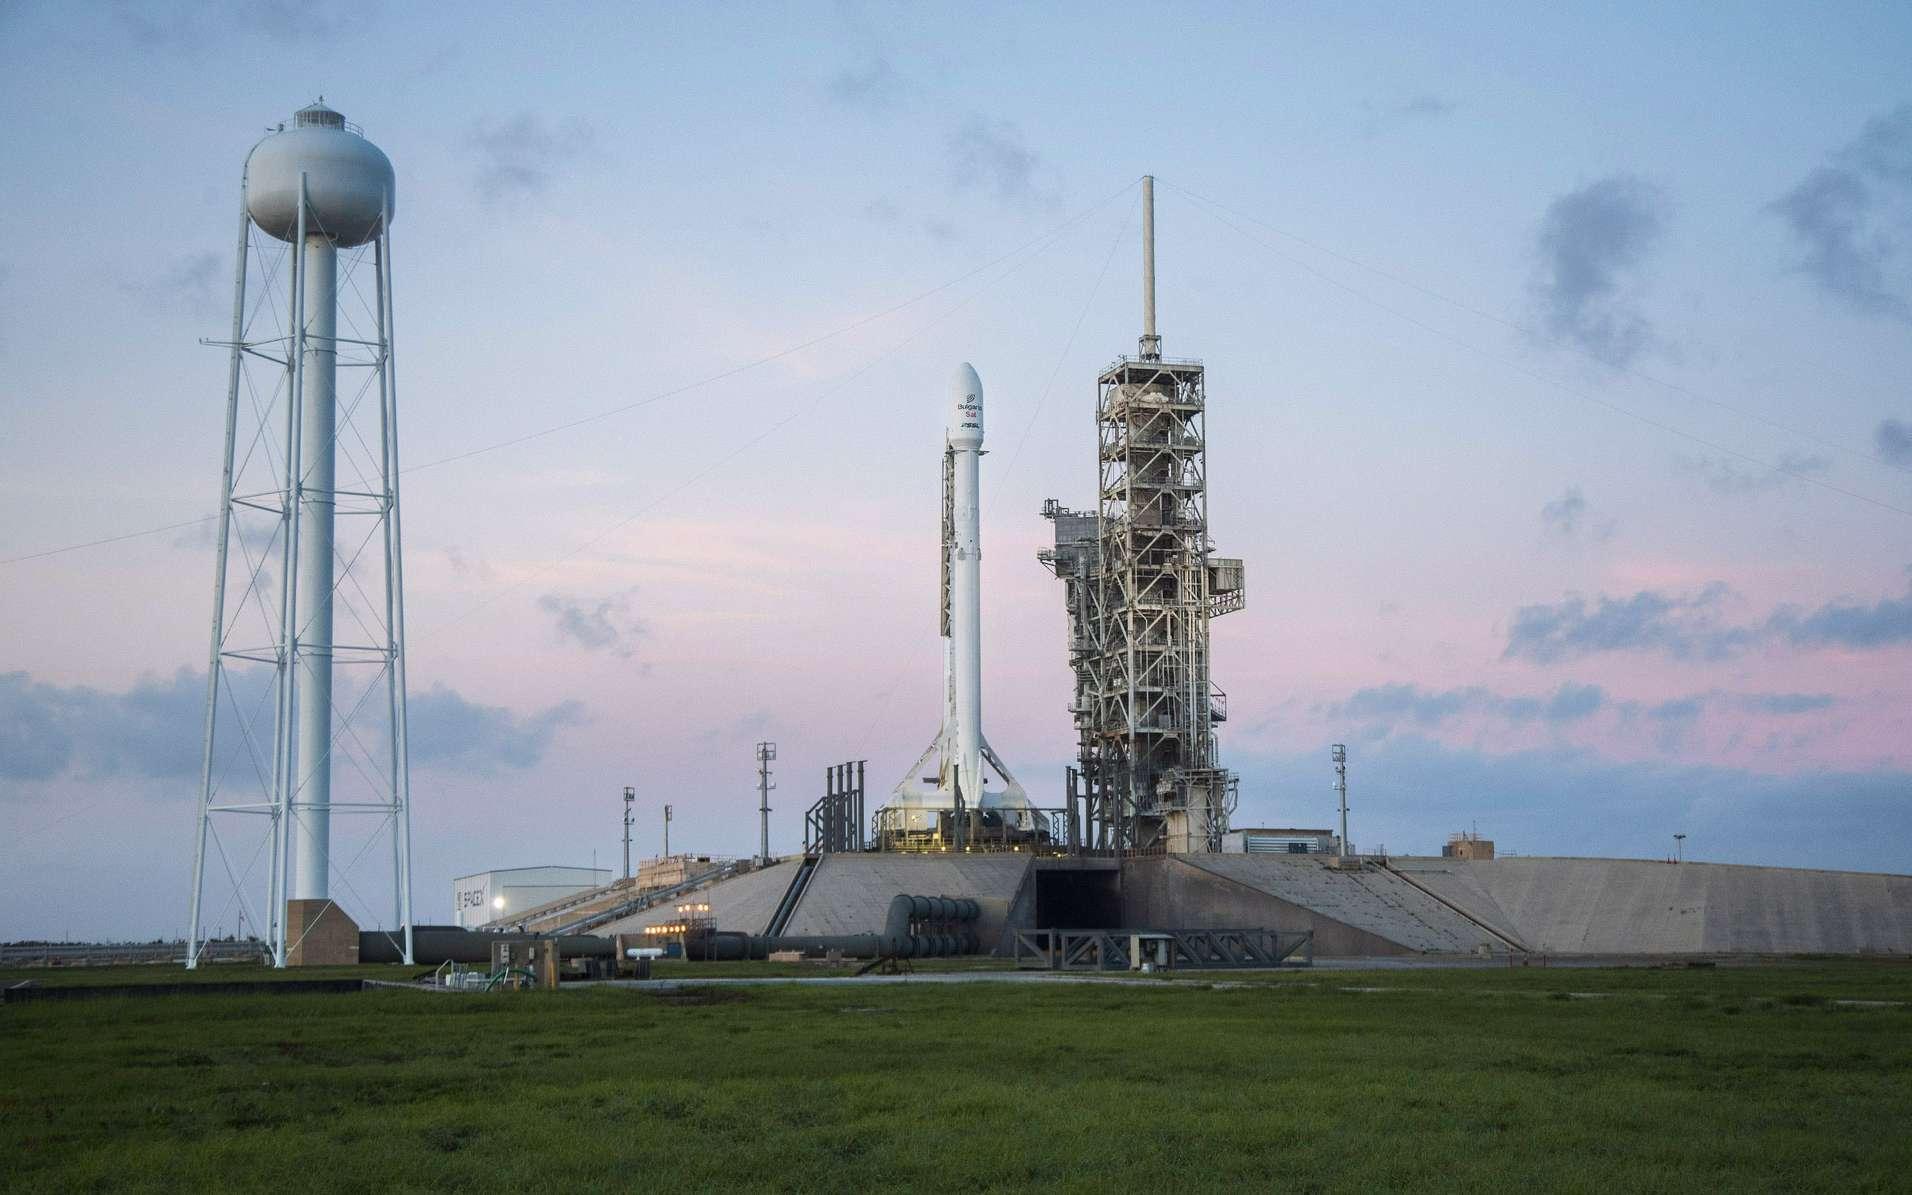 Un lanceur Falcon 9 sur son pas de tir du Centre spatial Kennedy de la Nasa, d'où décolleront les astronautes à destination de la Station spatiale internationale. © SpaceX